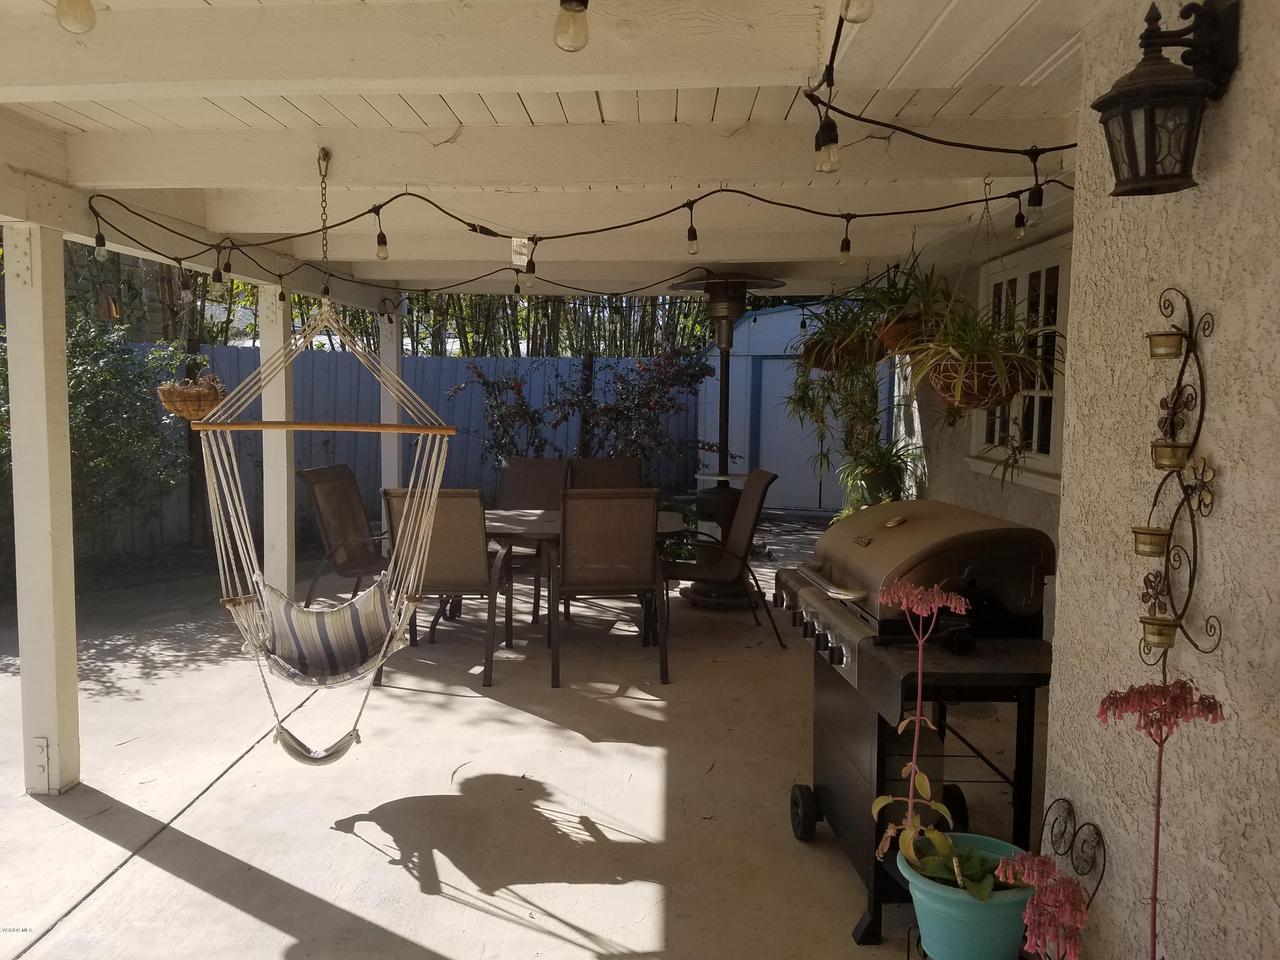 10720 TERNEZ, Moorpark, CA 93021 - Patio Area 3